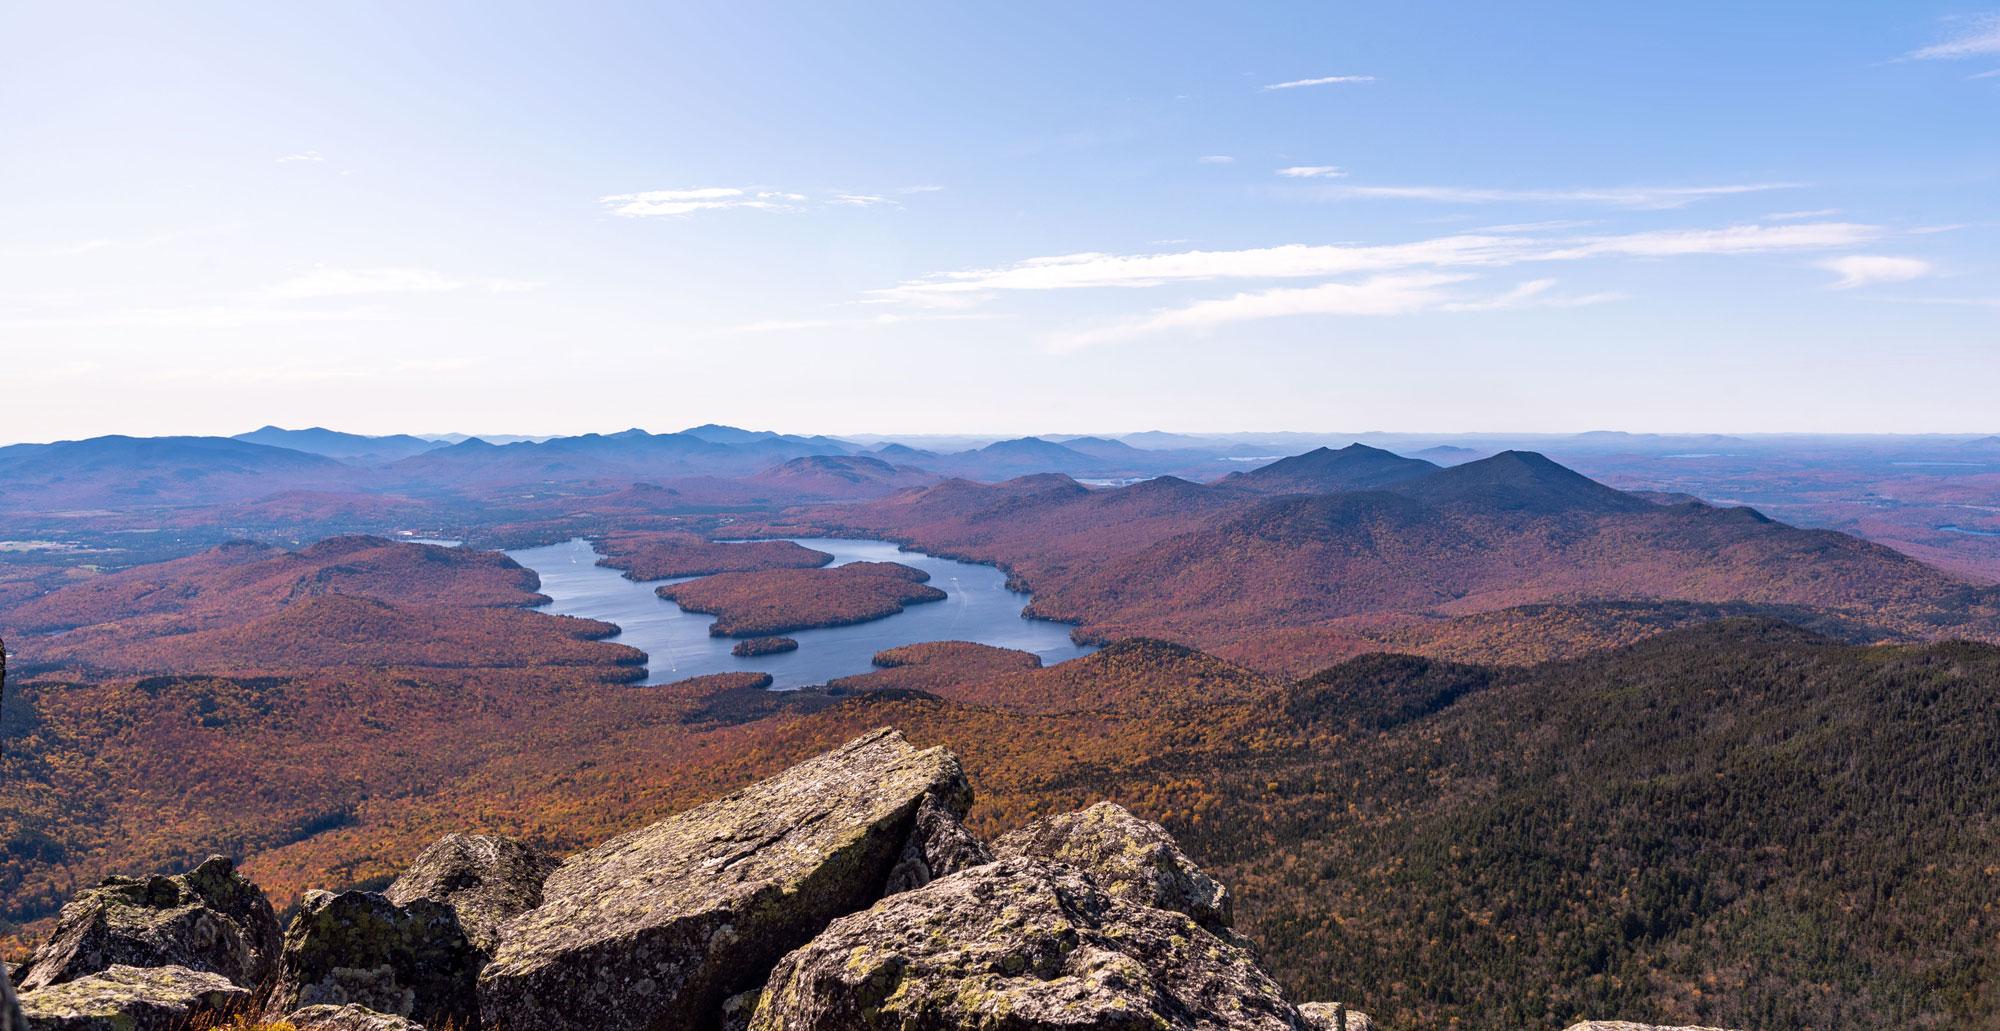 Adirondacks-Lake-Placid-elevated